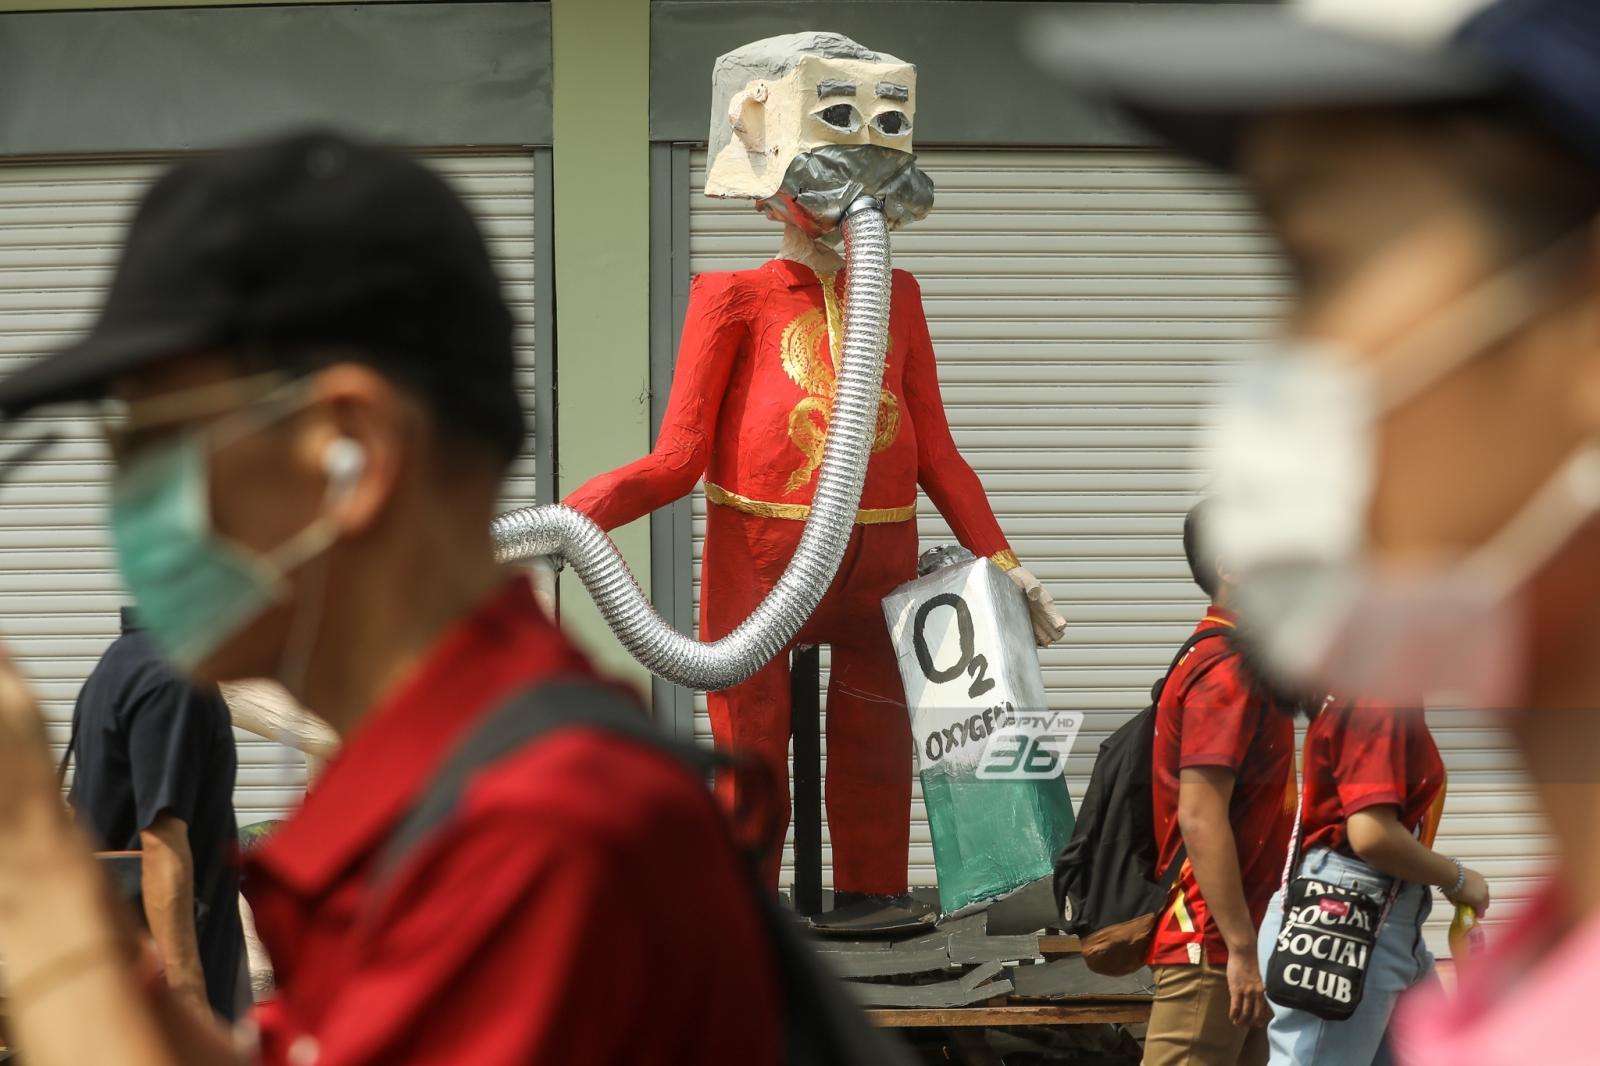 """""""จุฬาฯ-ธรรมศาสตร์"""" เตรียมหุ่นล้อการเมือง งานบอลประเพณี"""